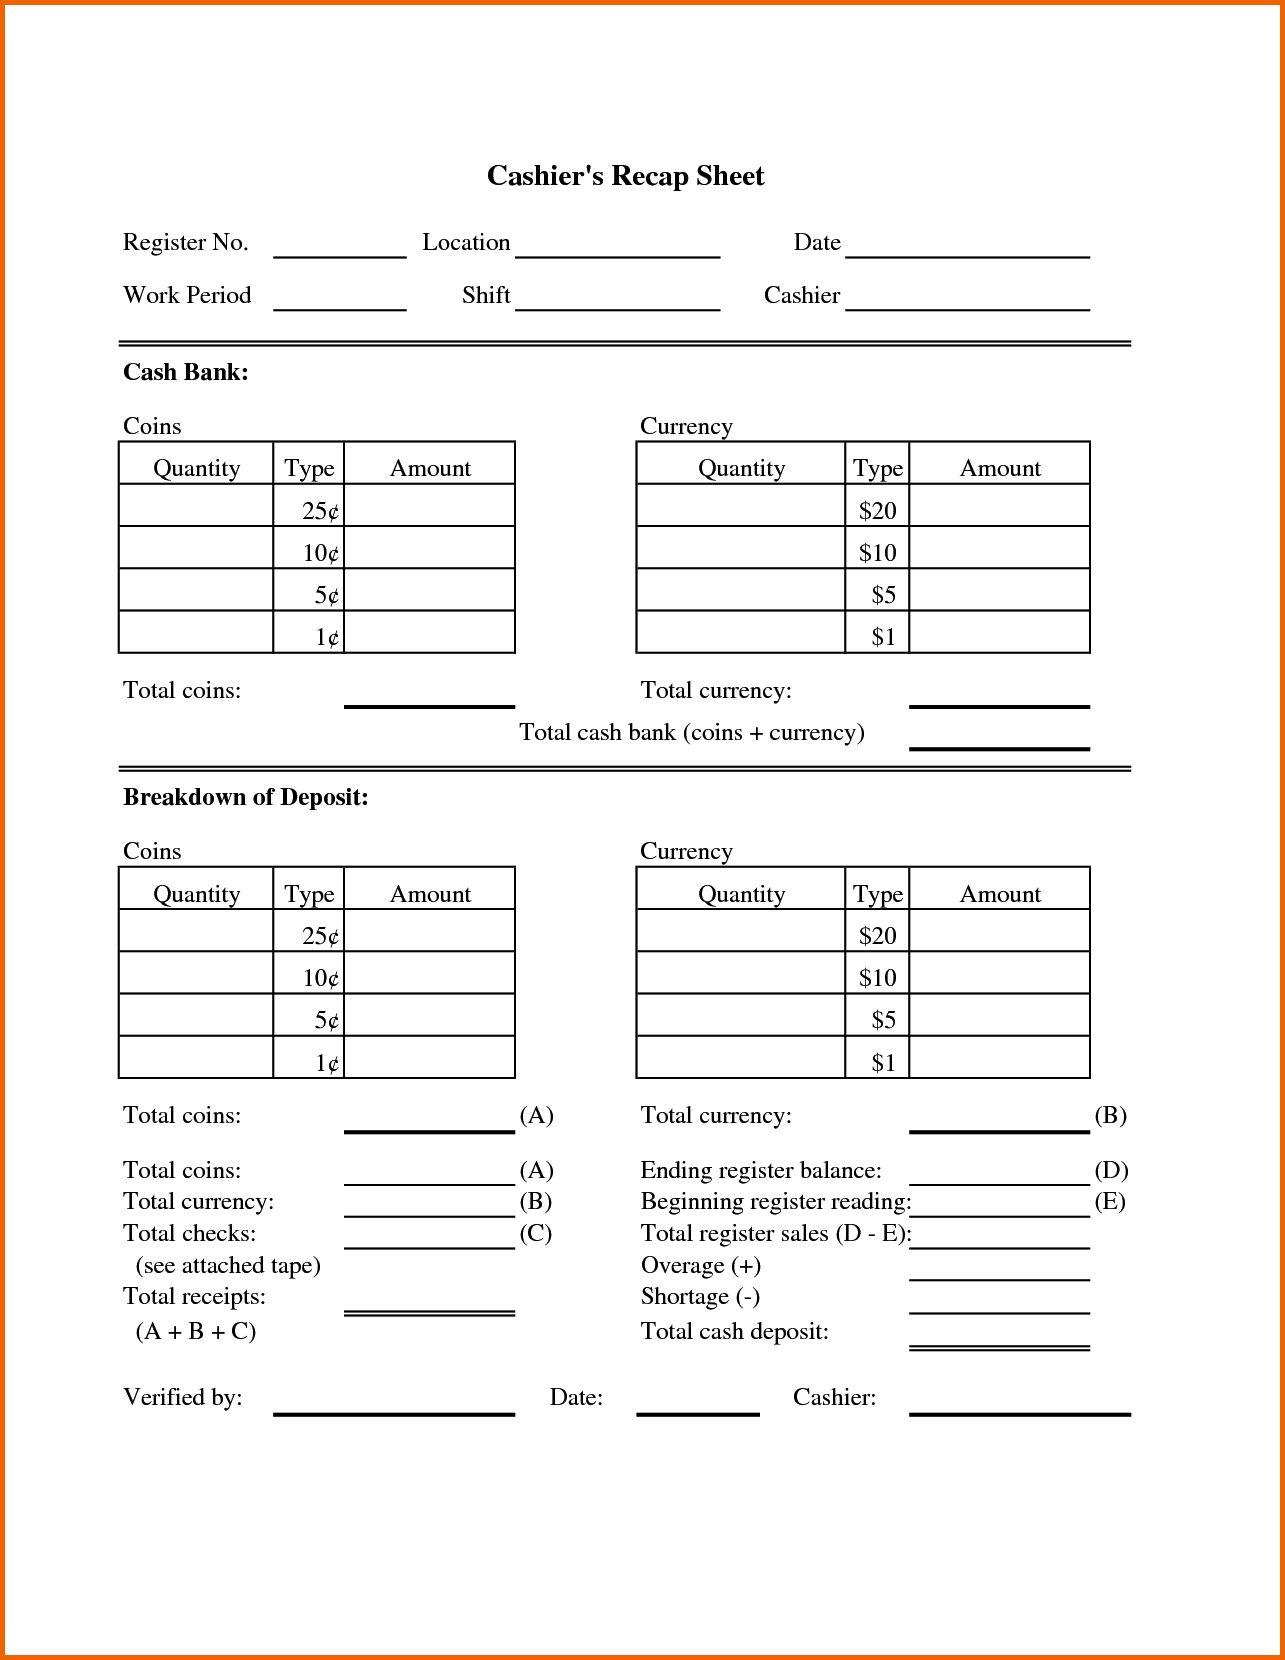 Cash Drawer Balancing Sheet